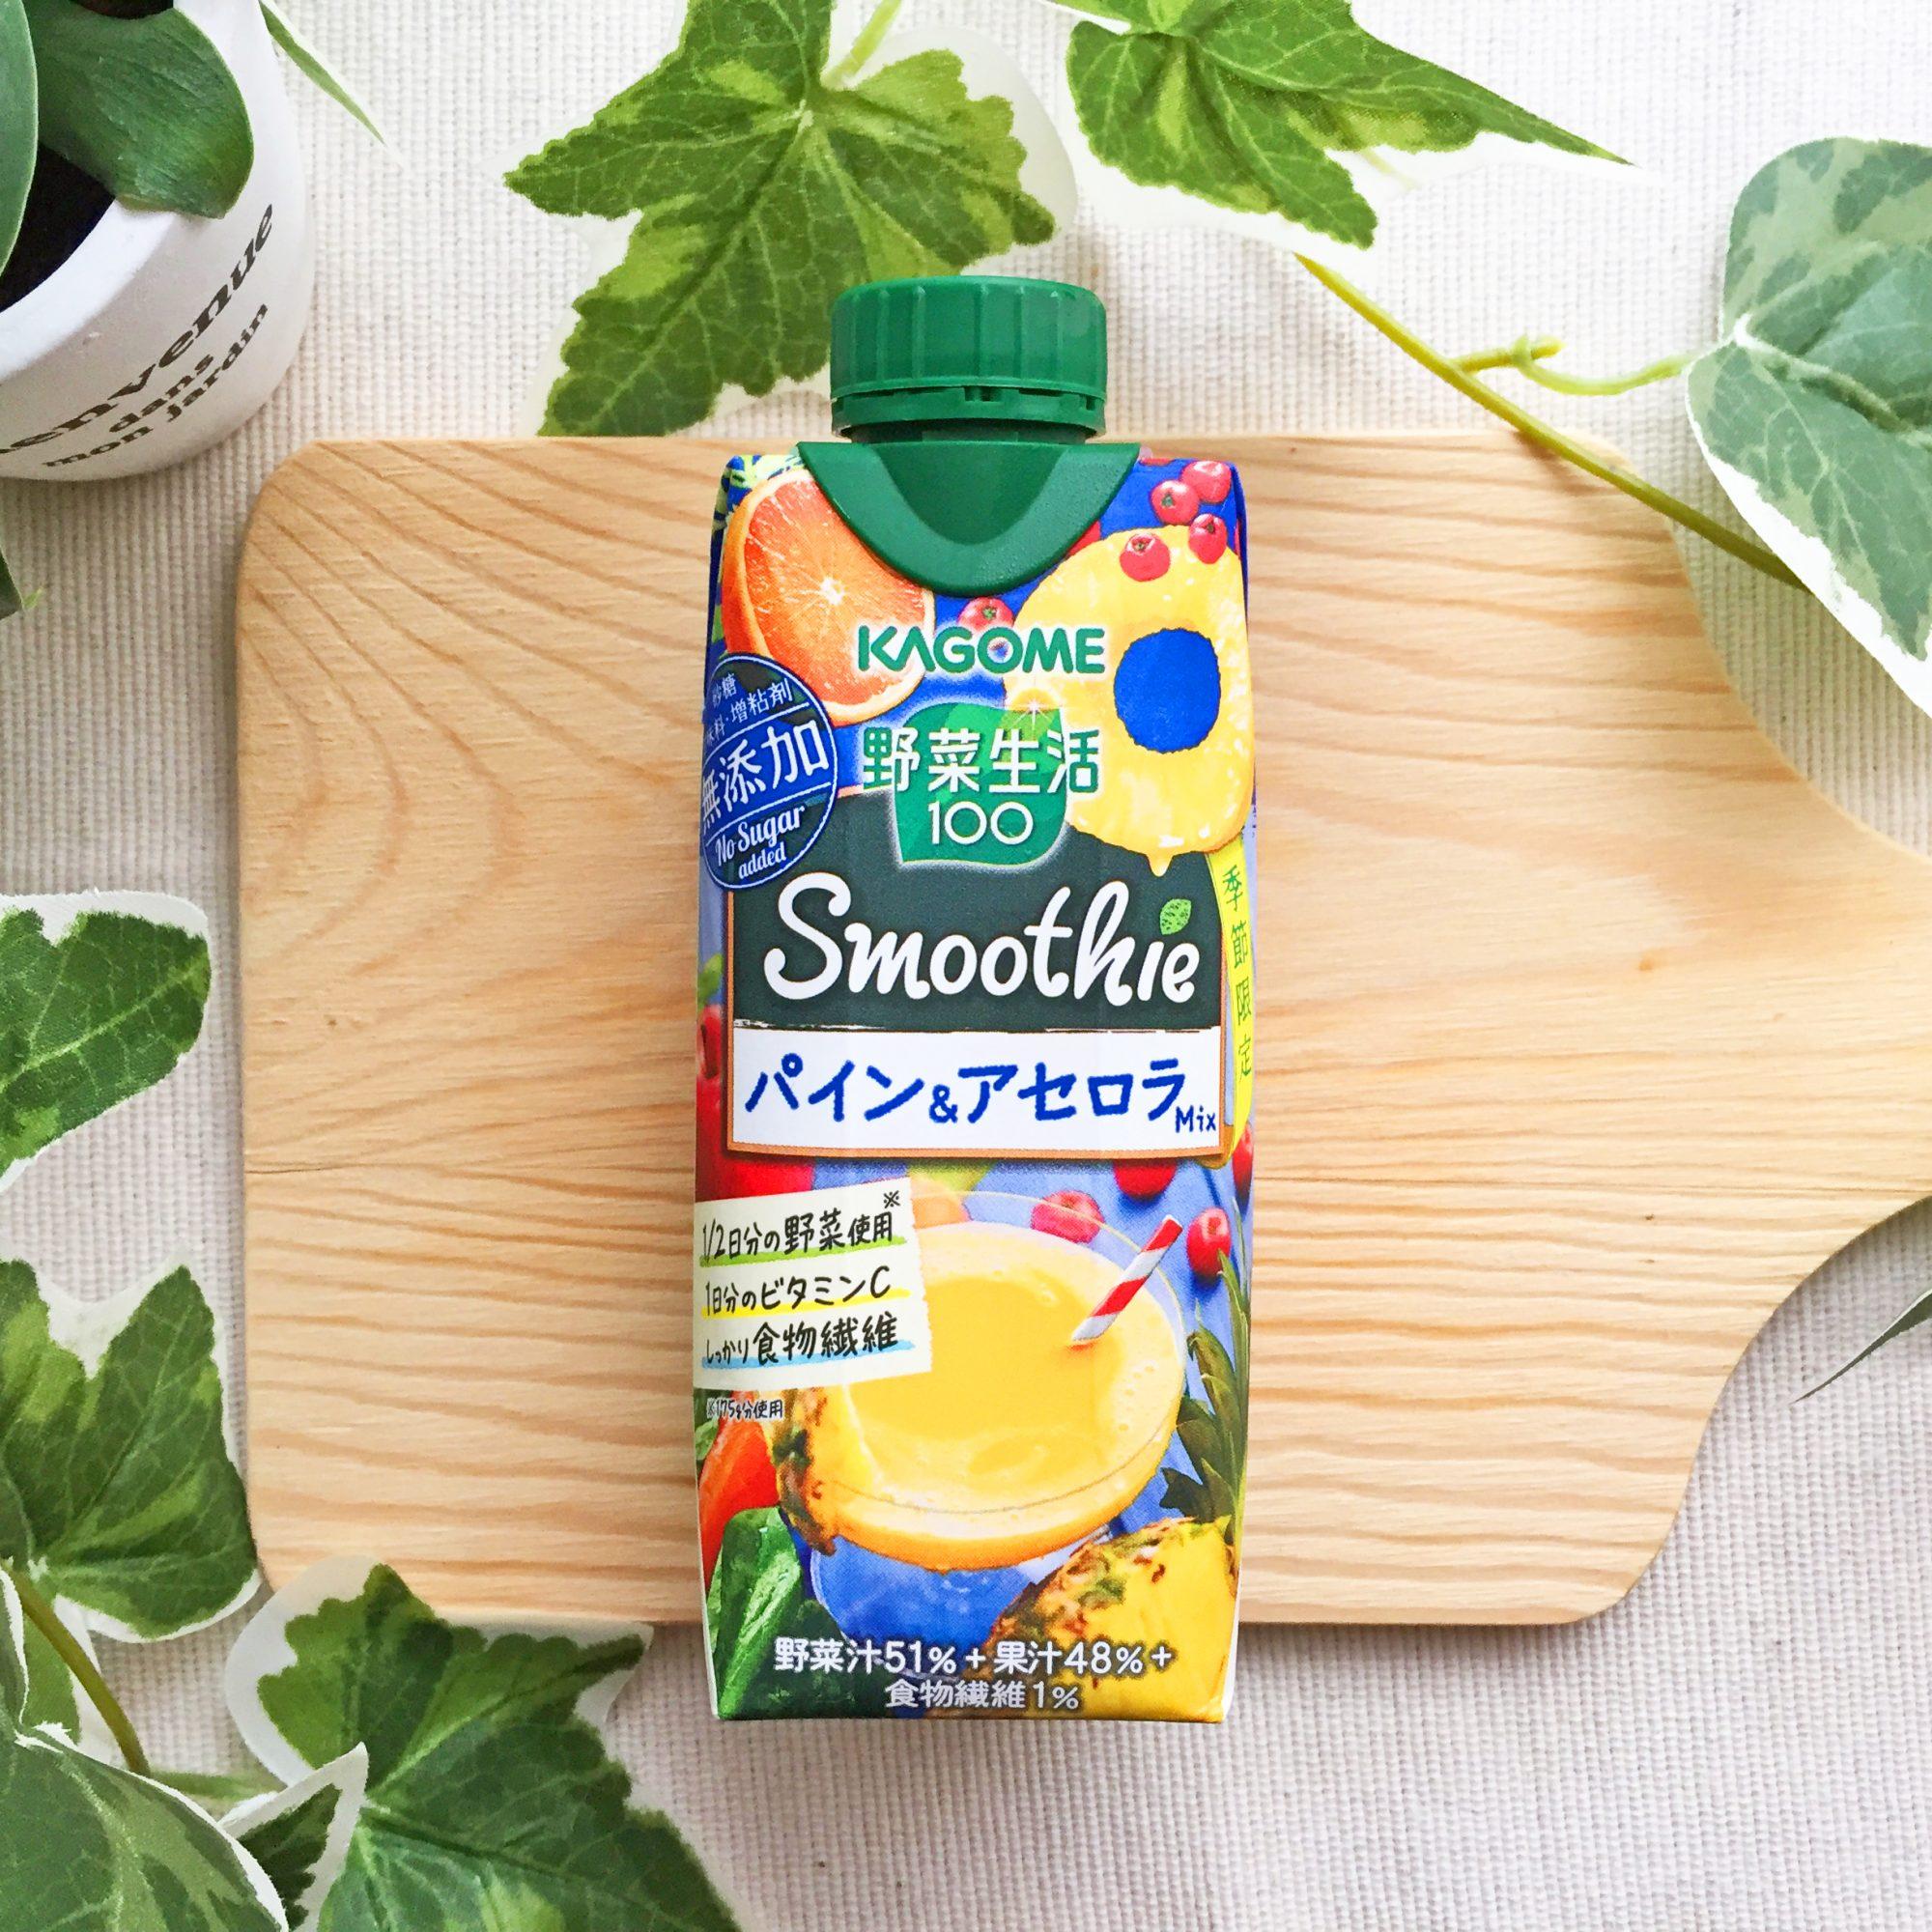 「KAGOME 野菜生活100 Smoothieパイン&アセロラMix」は甘酸っぱさが美味しく、身体にも優しいこってりスムージー!